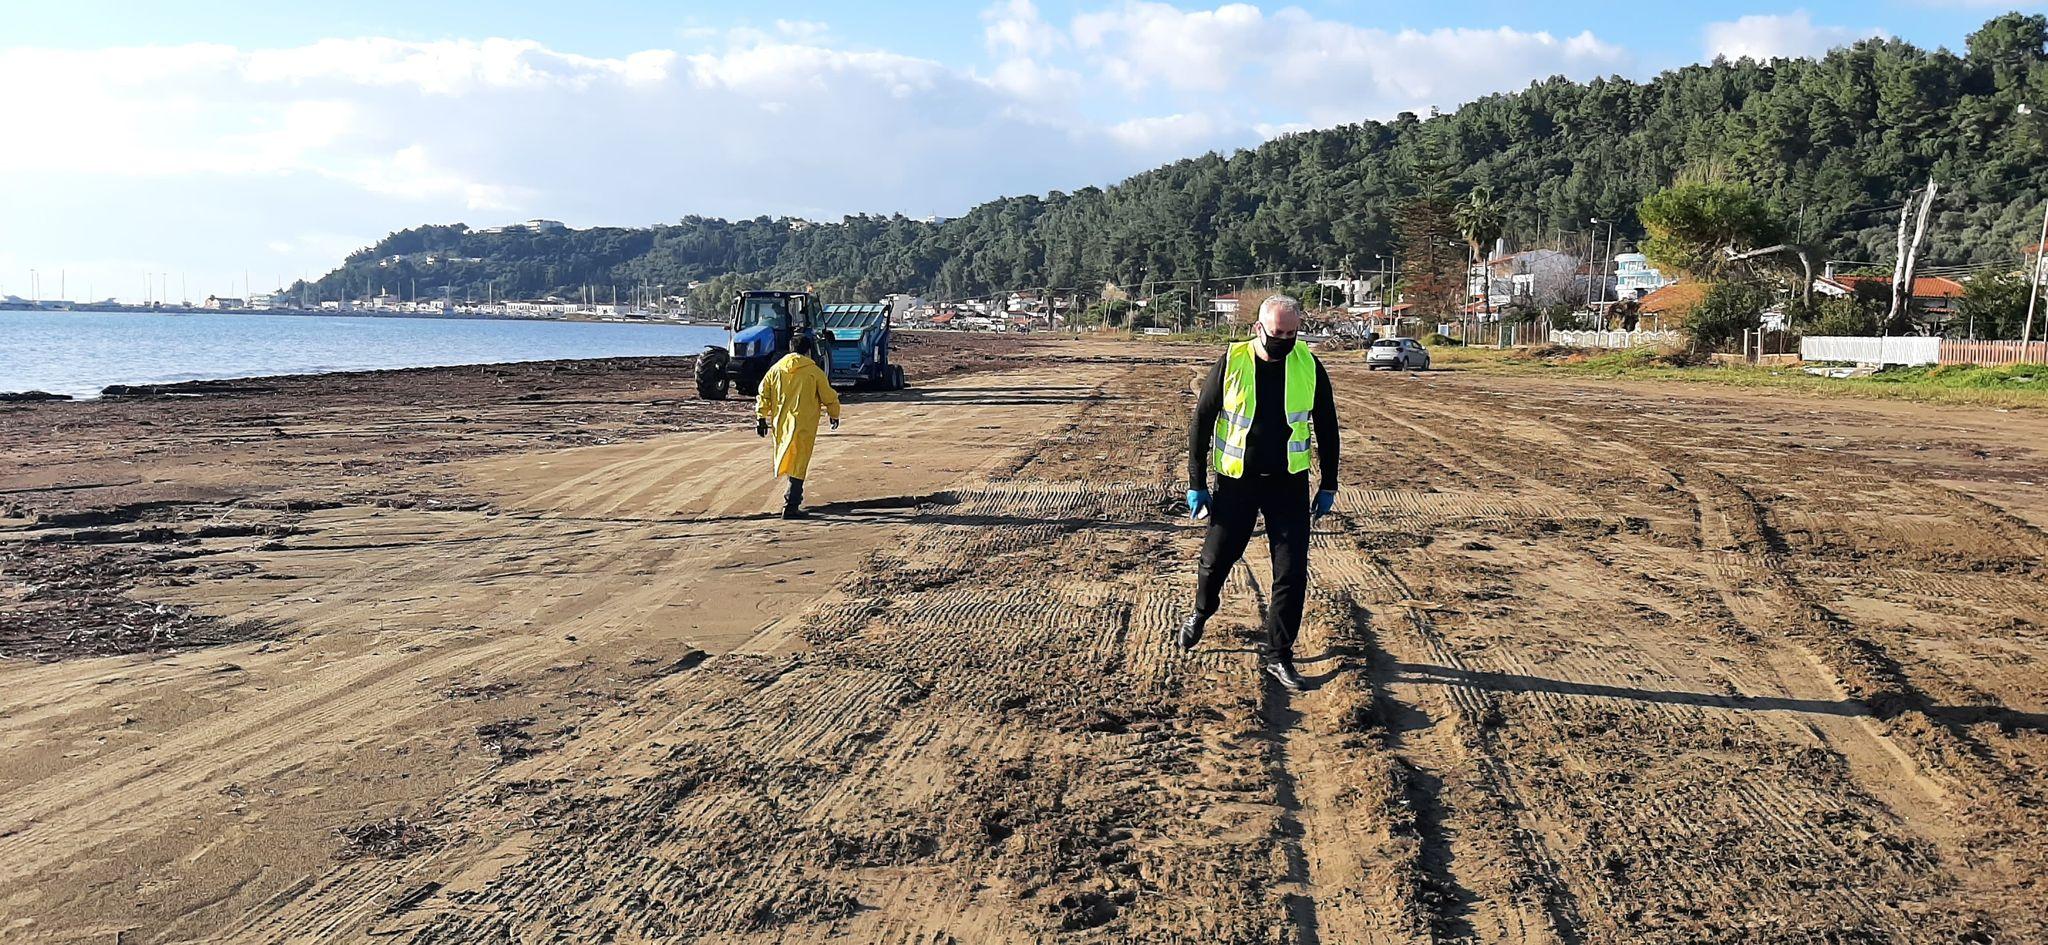 Δήμος Πύργου: Μικροί και μεγάλοι δημότες εθελοντές καθάρισαν από πλαστικά και άλλα φερτά υλικά την παραλία στο Κατάκολο - Συγκεντρώθηκαν πάνω από 150 σακούλες με πλαστικά απορρίμματα (photos)